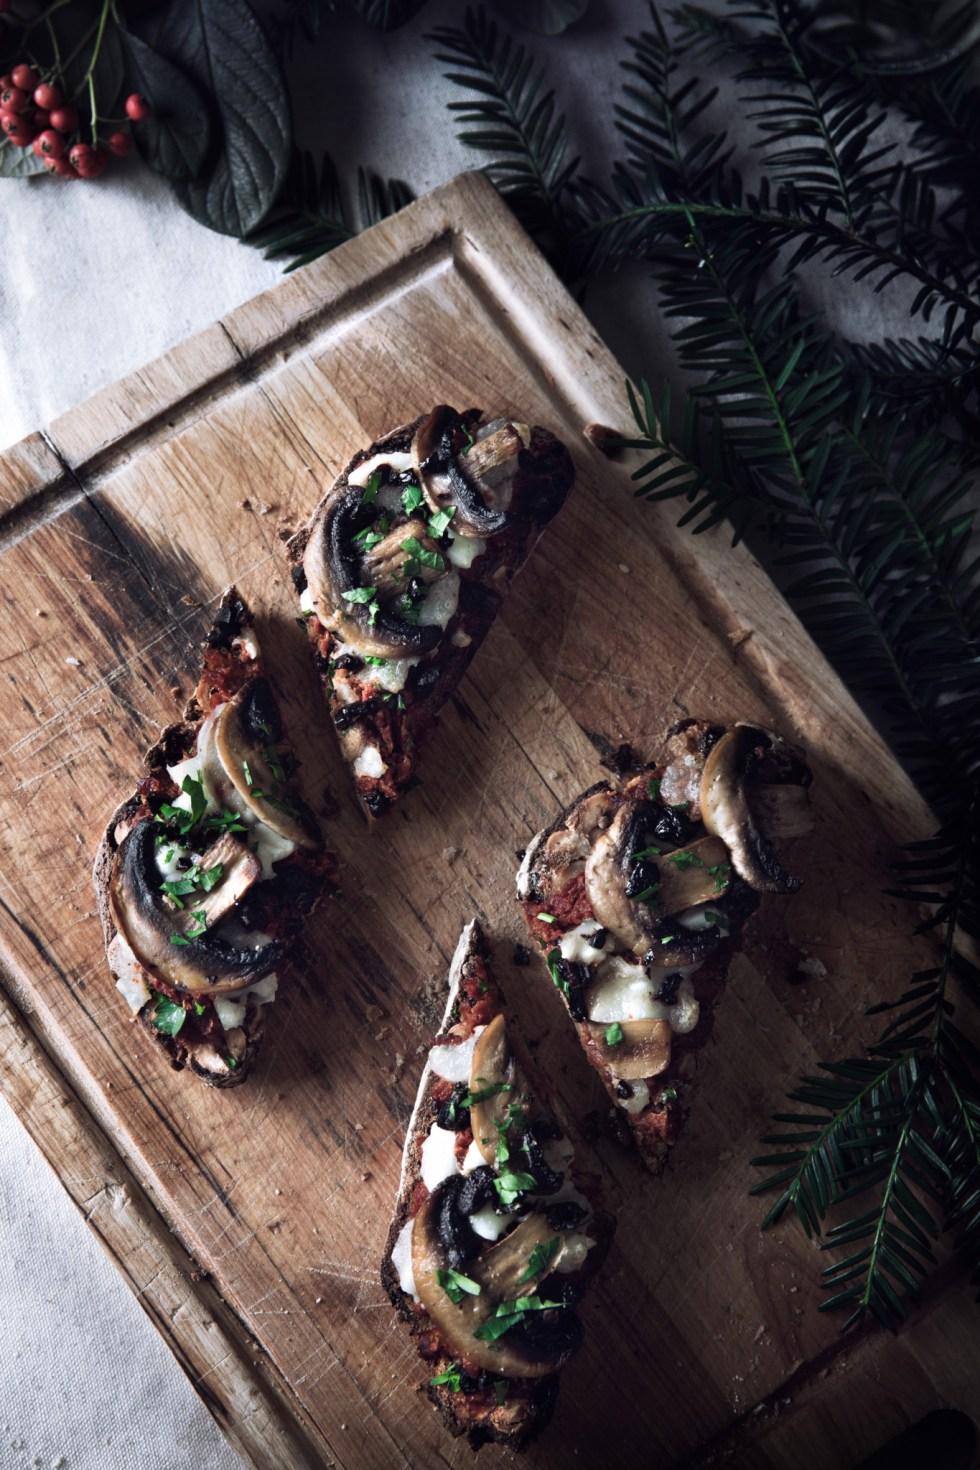 Toast de Noël tomates séchées, champignons, mozzarella et olives - Pain de seigle, noisettes et raisins secs Laurent Lachenal | www.lafaimestproche.com